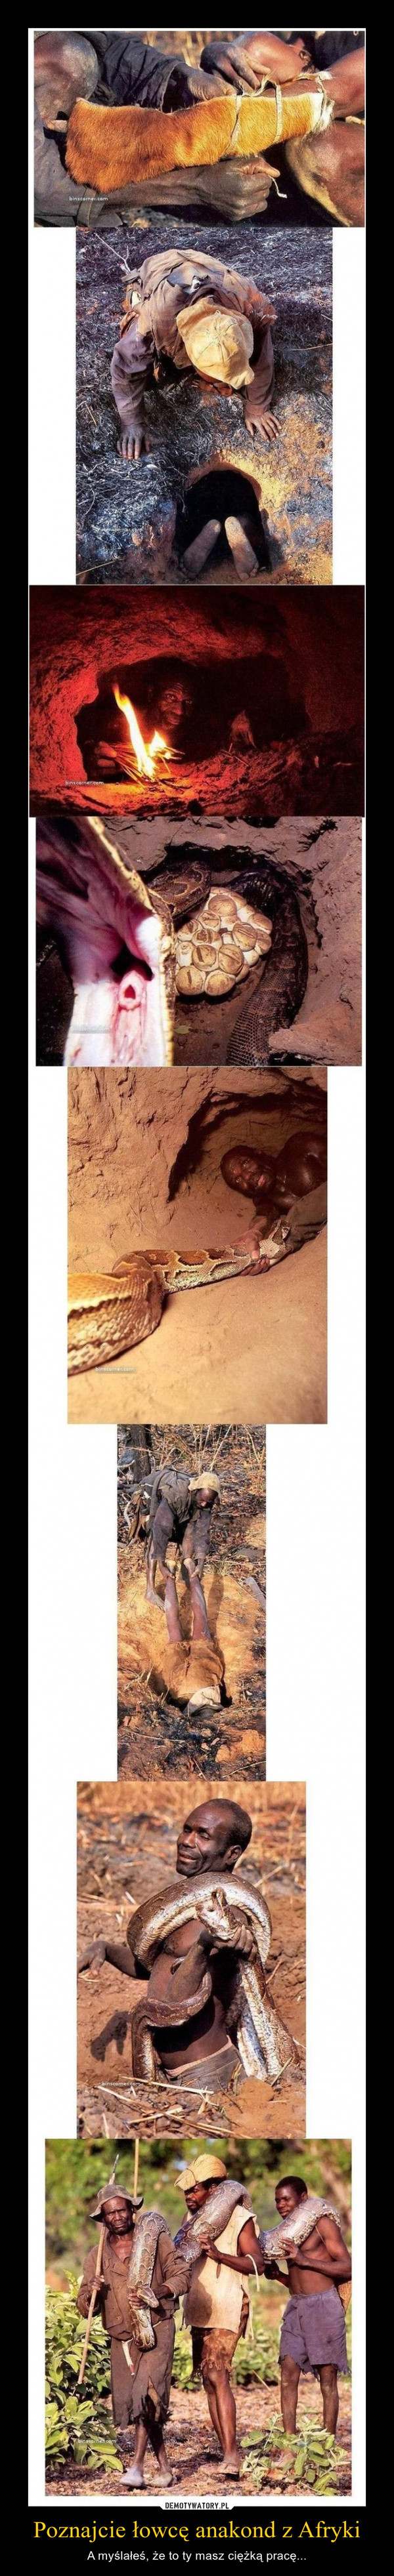 Poznajcie łowcę anakond z Afryki – A myślałeś, że to ty masz ciężką pracę...